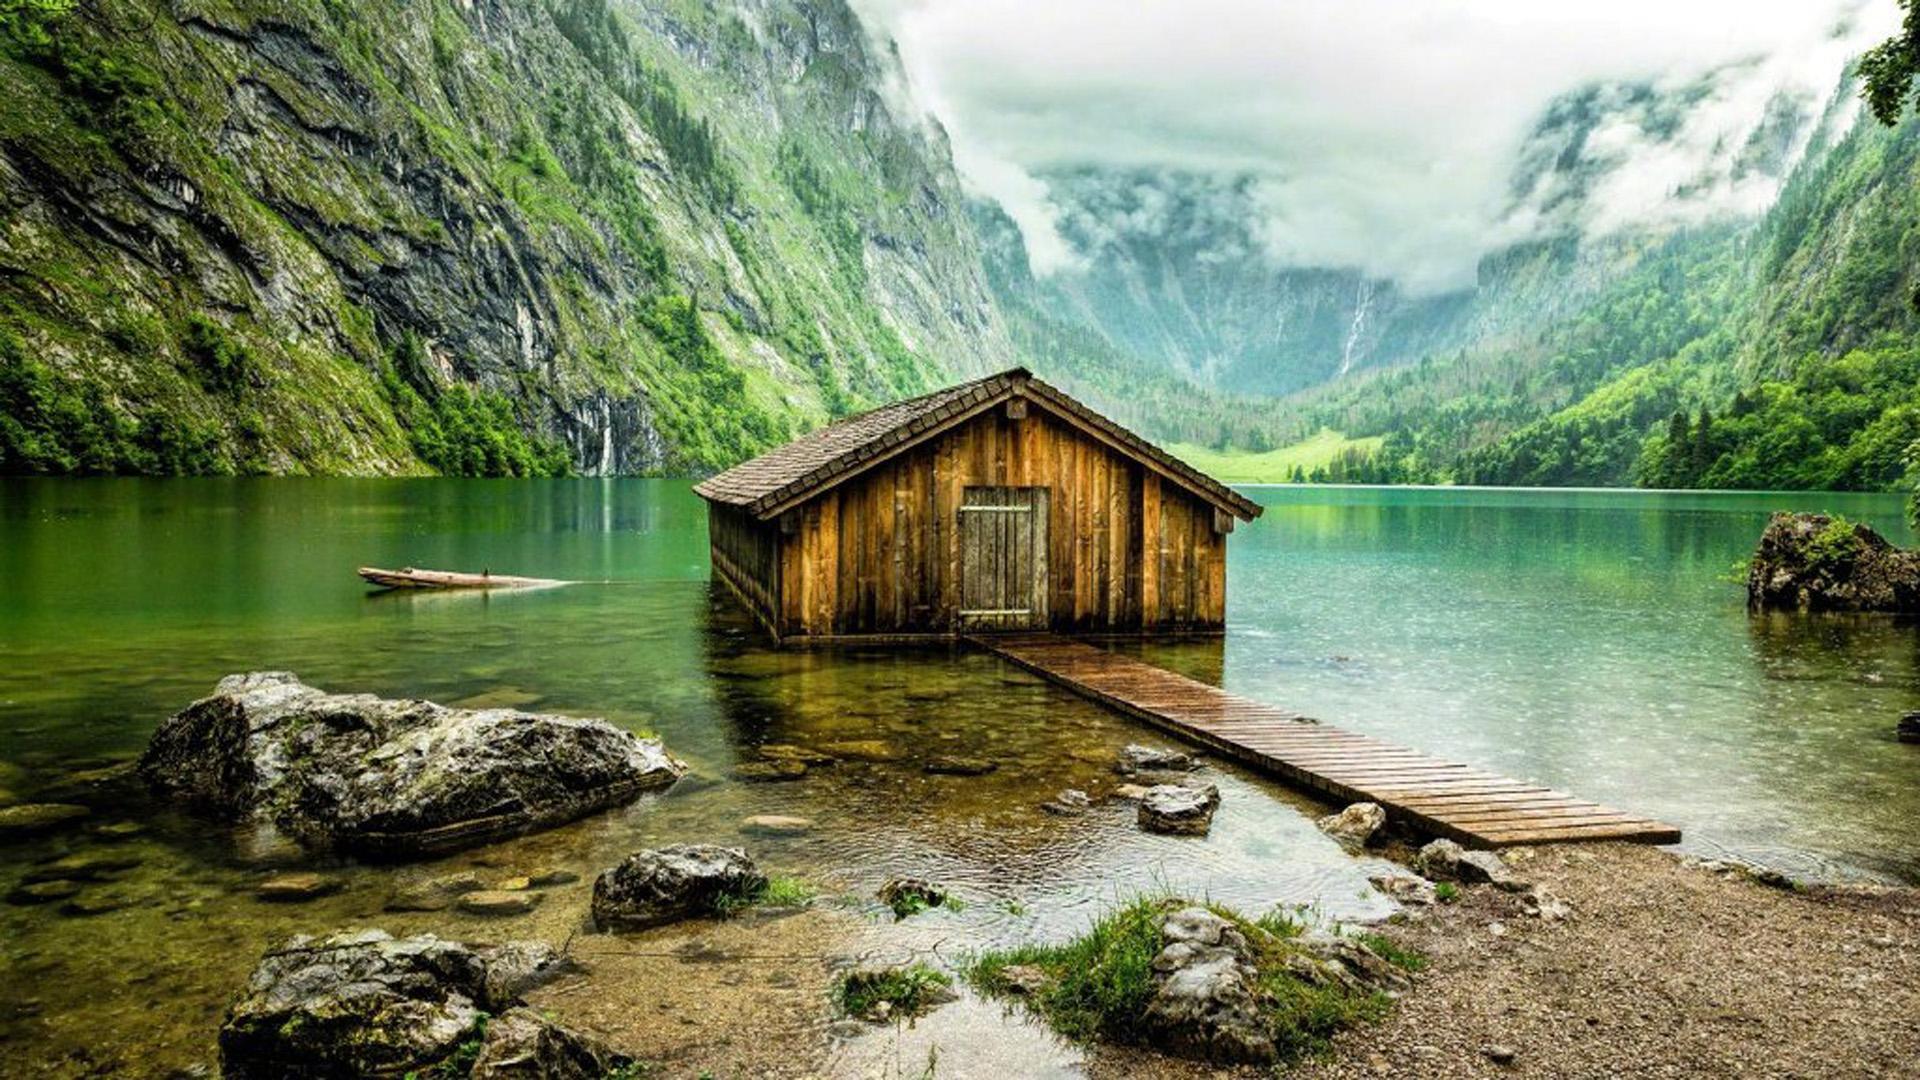 Phong cảnh thiên nhiên ngôi nhà gỗ xây trên bờ hồ nhìn rất hư cấu